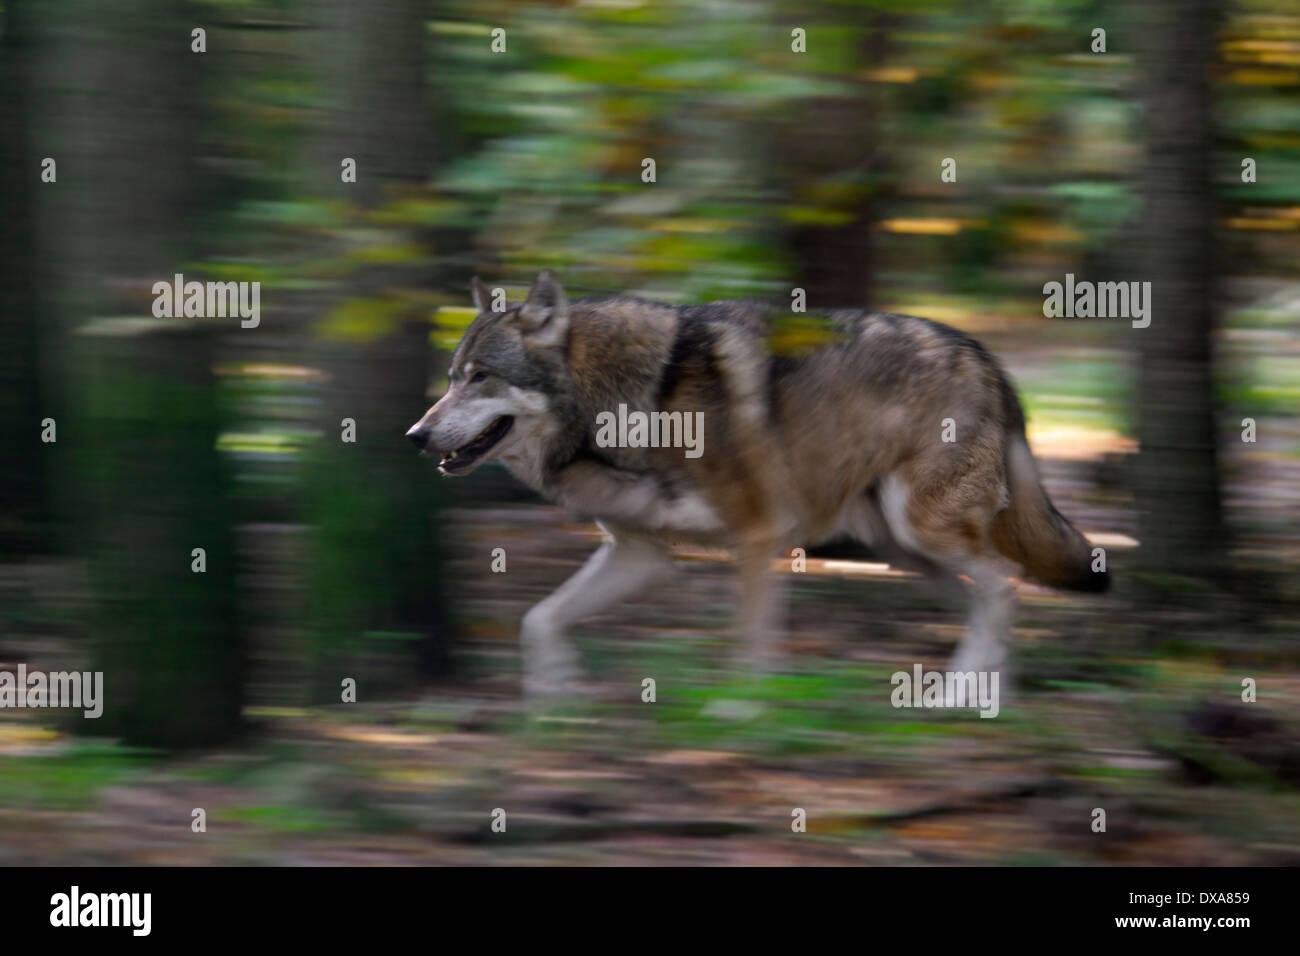 Eurasian lupo (Canis lupus lupus) in esecuzione nella foresta che mostra la sfocatura in movimento Foto Stock